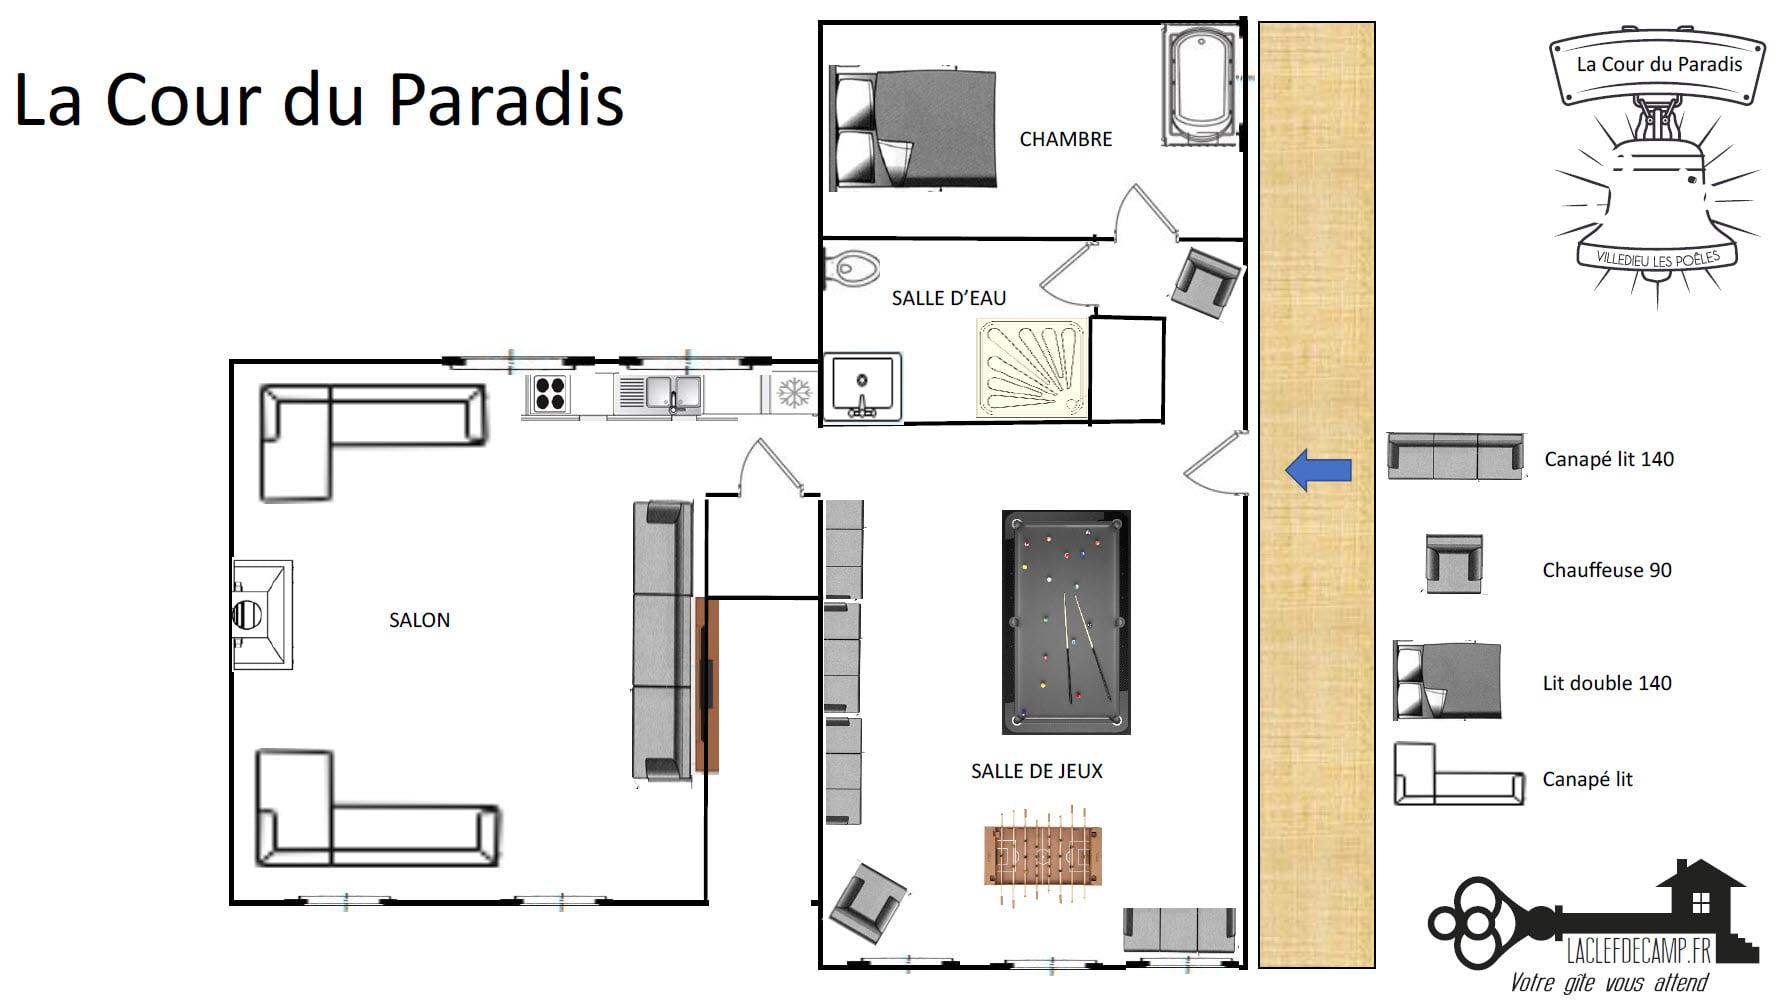 Cour du paradis - La Villa du Paradis - Location de Gite La Clef Decamp - Laclefdecamp.fr